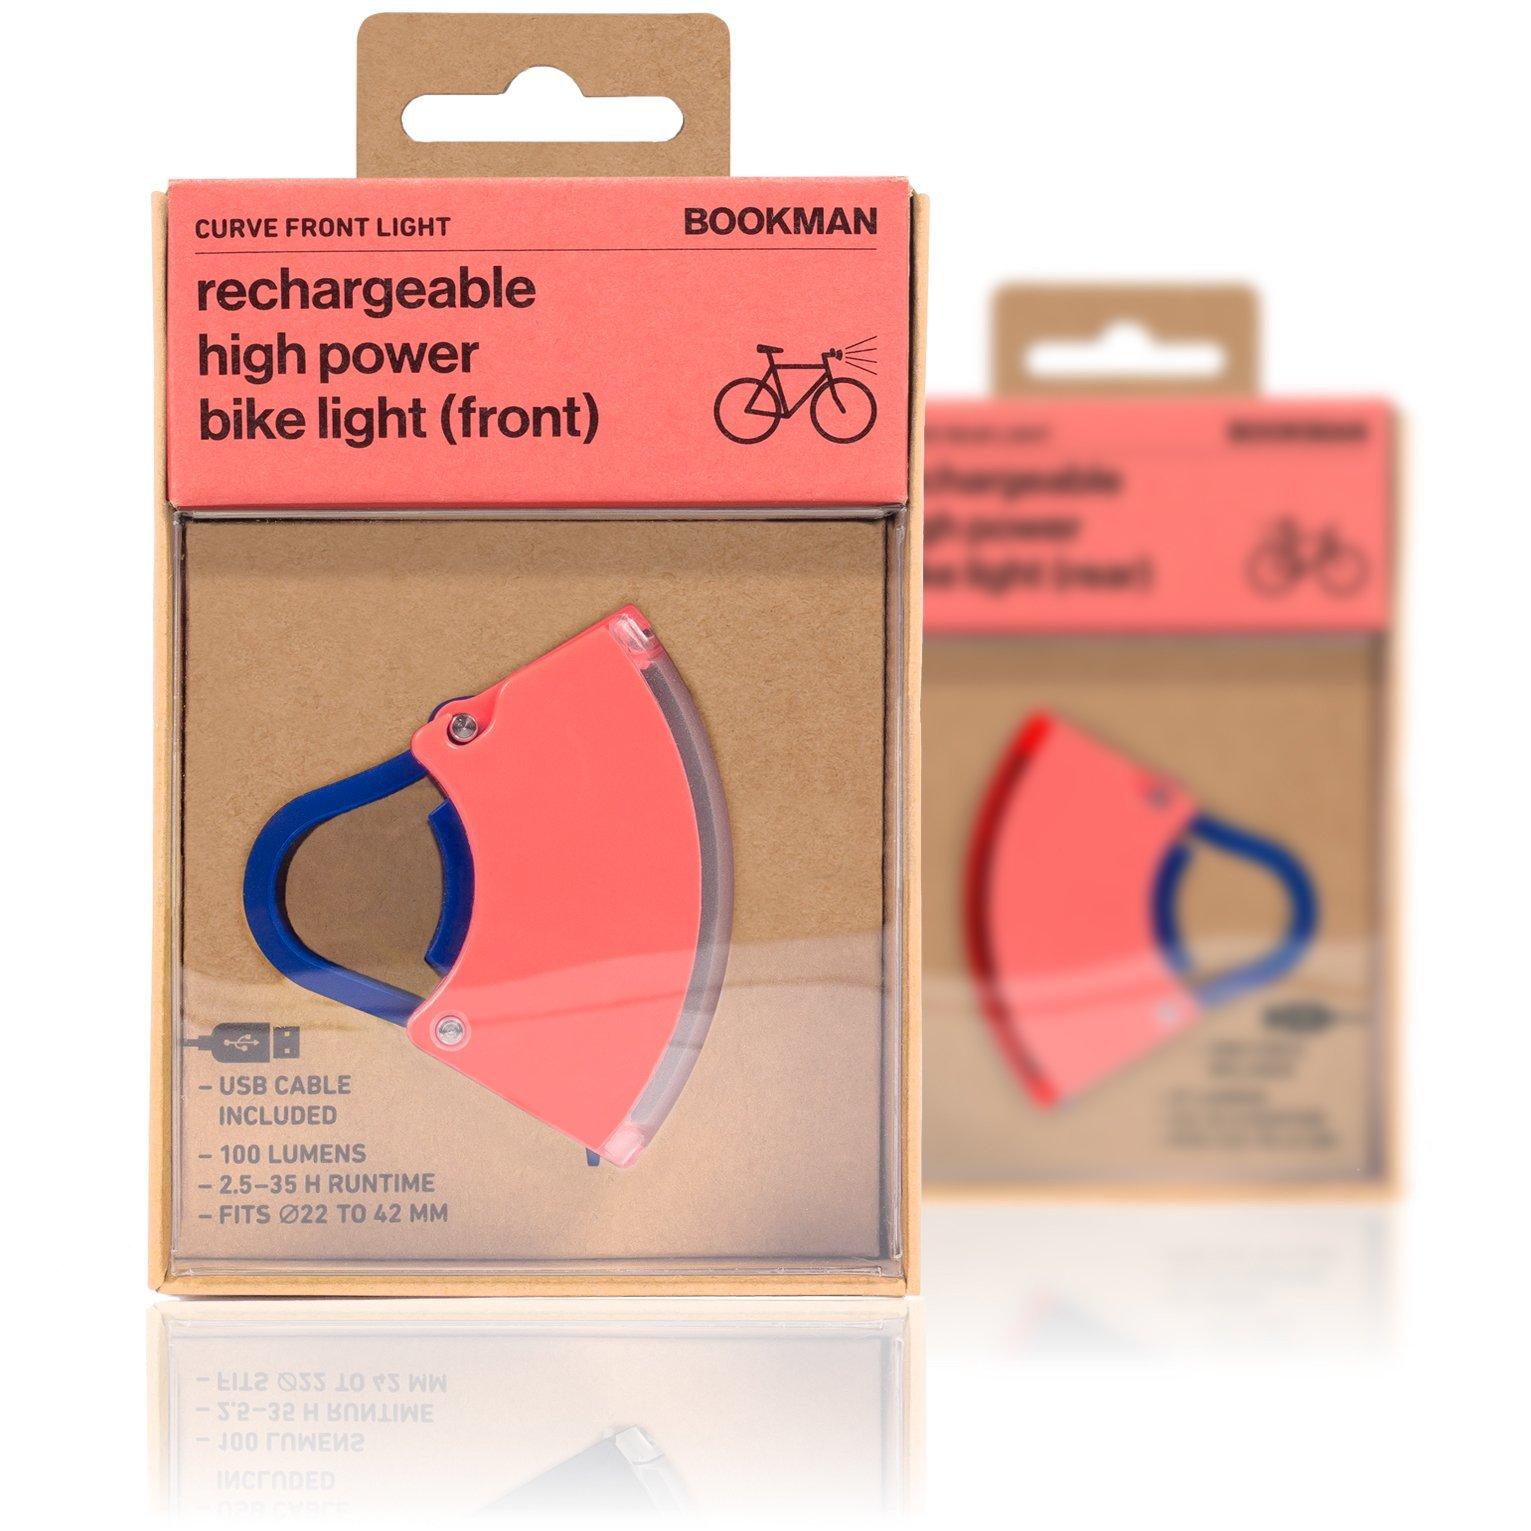 Bookman Curve 2 baglygte USB neon roal pink/mørkeblå | Rear lights